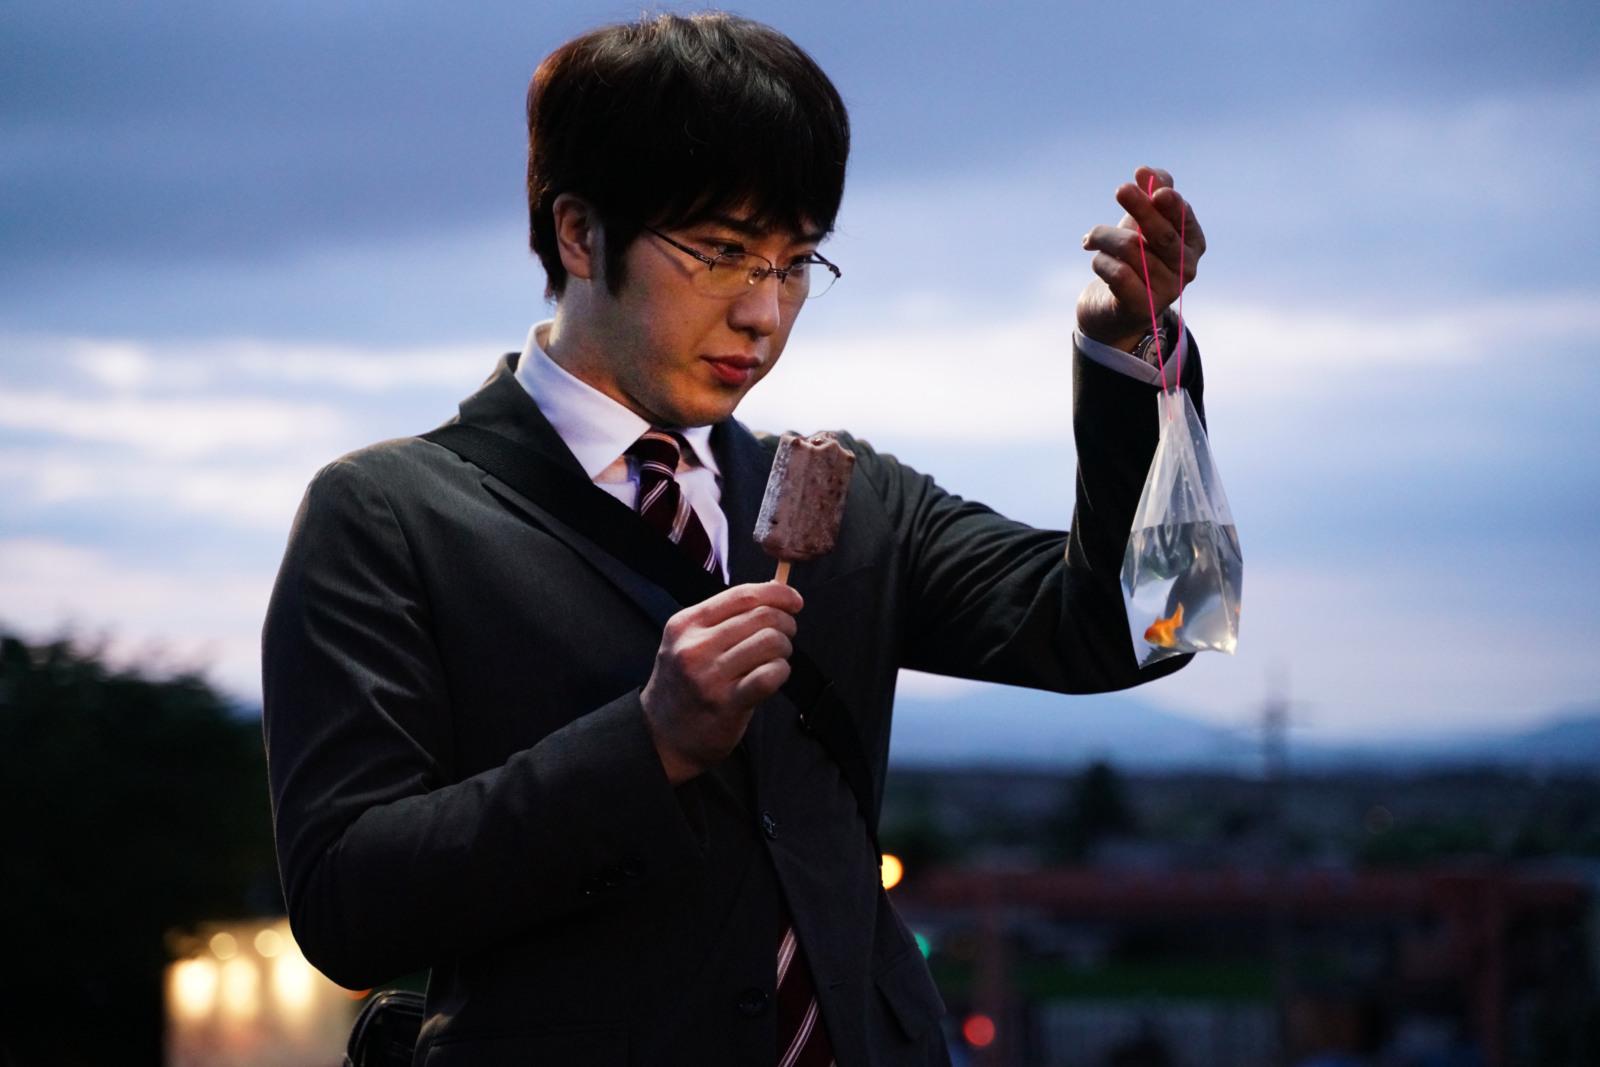 映画『すくってごらん』映画初主演!歌舞伎俳優・尾上松也を キャスティングした3つの理由 歌と笑いの世界に必要なものとは?